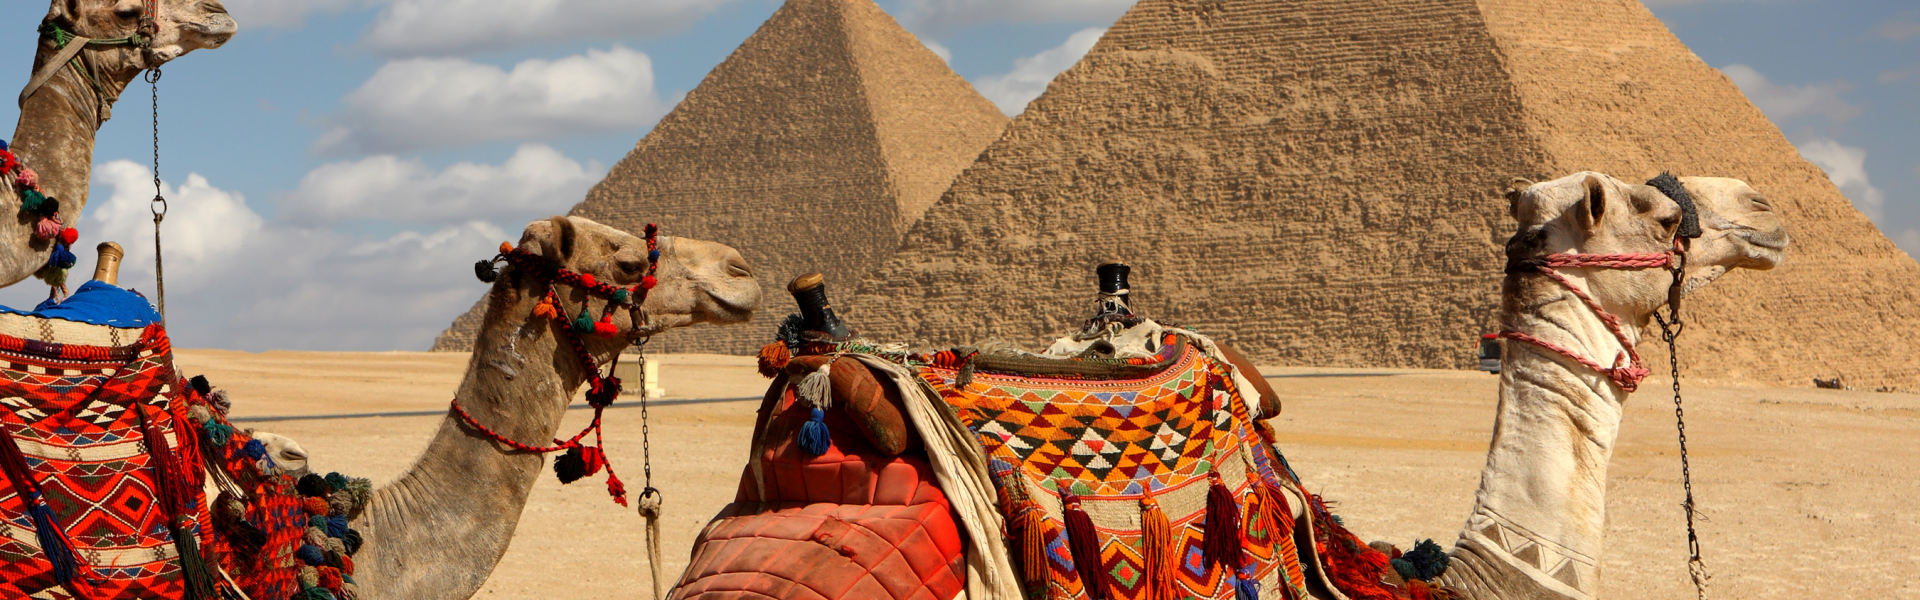 Flug ägypten Flüge Billigflüge Nach ägypten Günstig Online Buchen